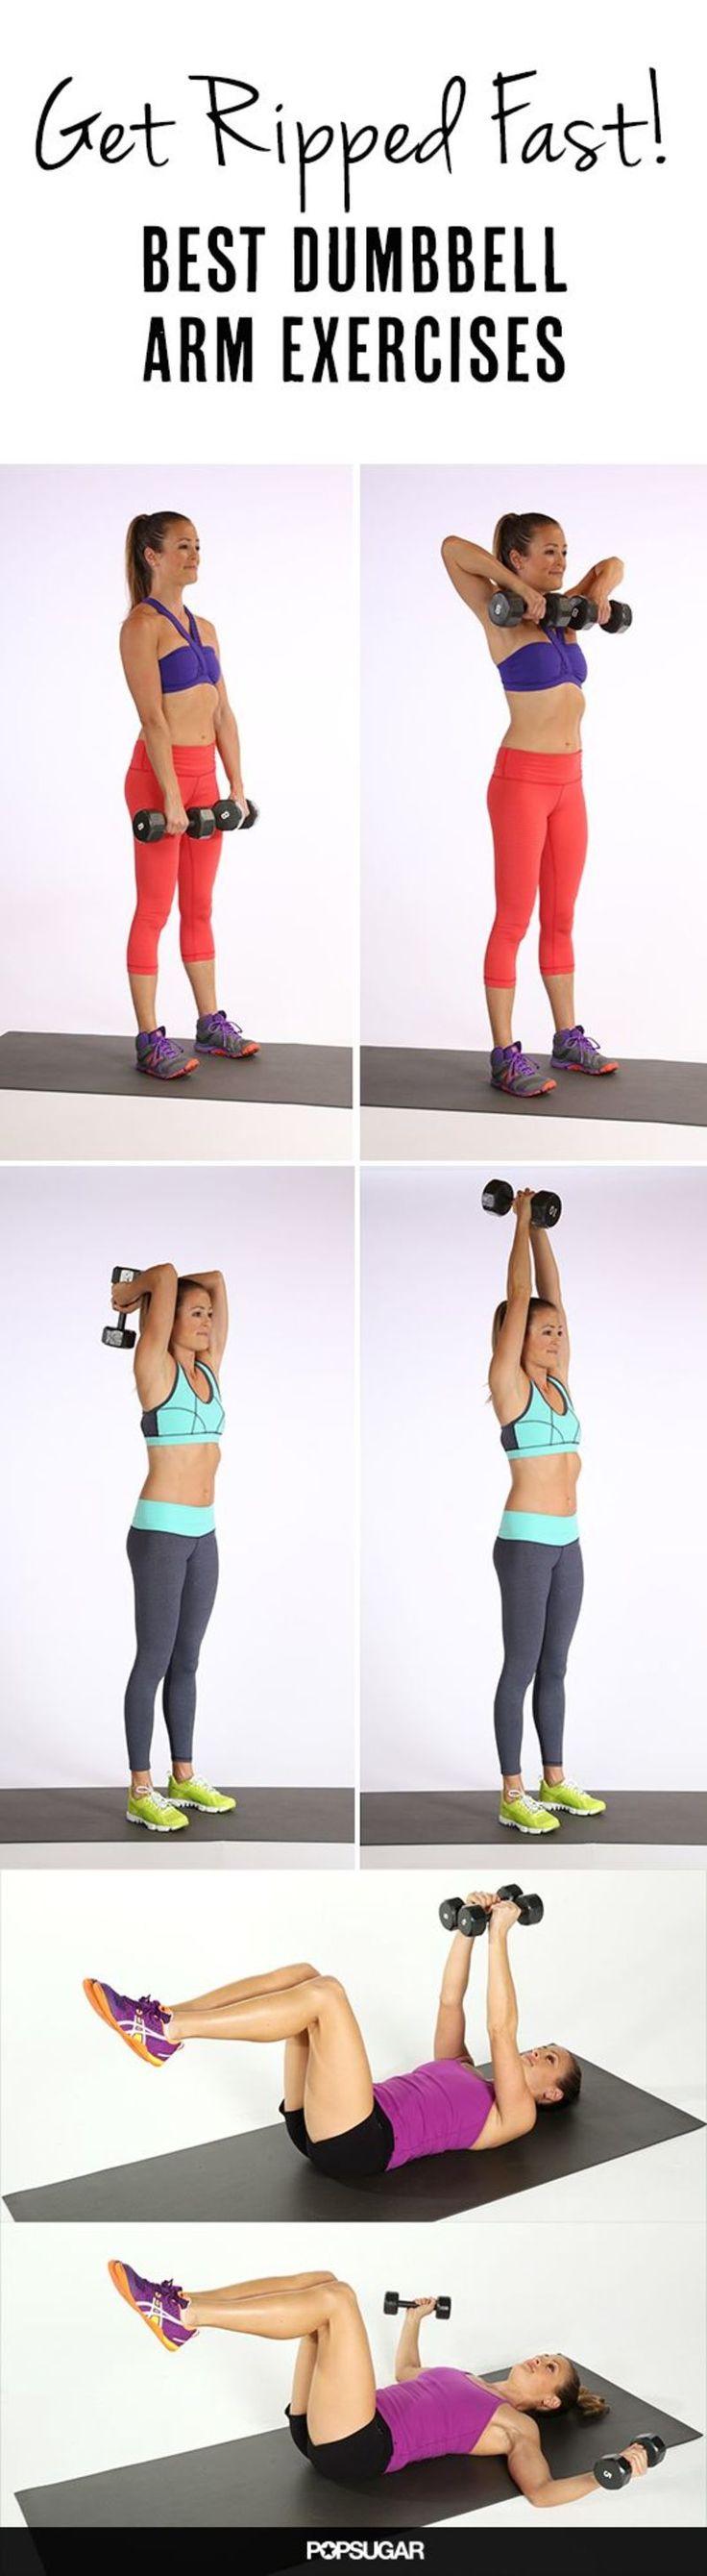 Grab some weights and work your arms, shoulders, and upper back! (pegue alguns pesos e trabalhe seus braços,ombros e parte superior das costas!)